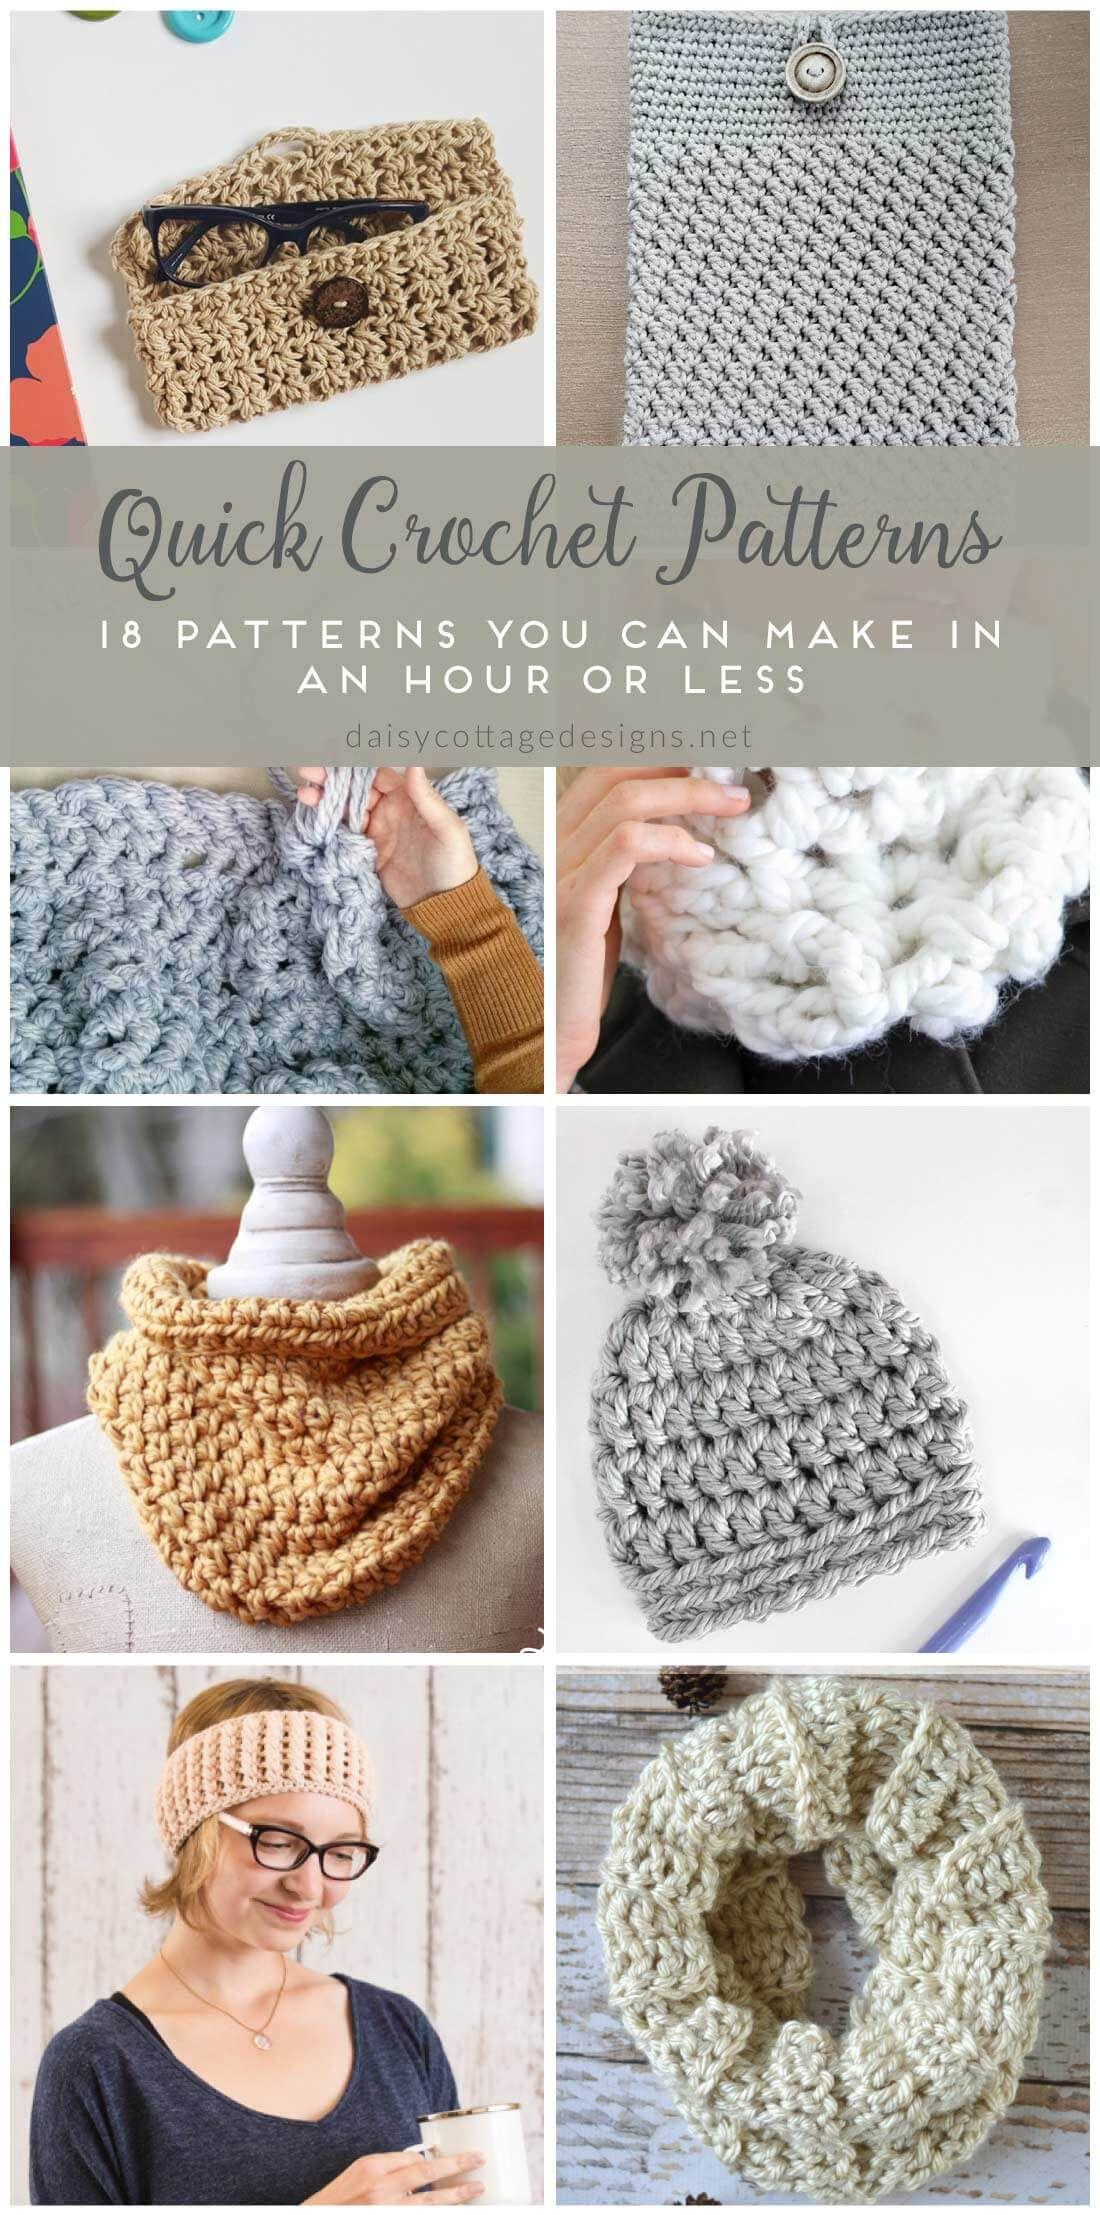 Easy Crochet Patterns - Free Crochet Patterns on | Fast crochet ...